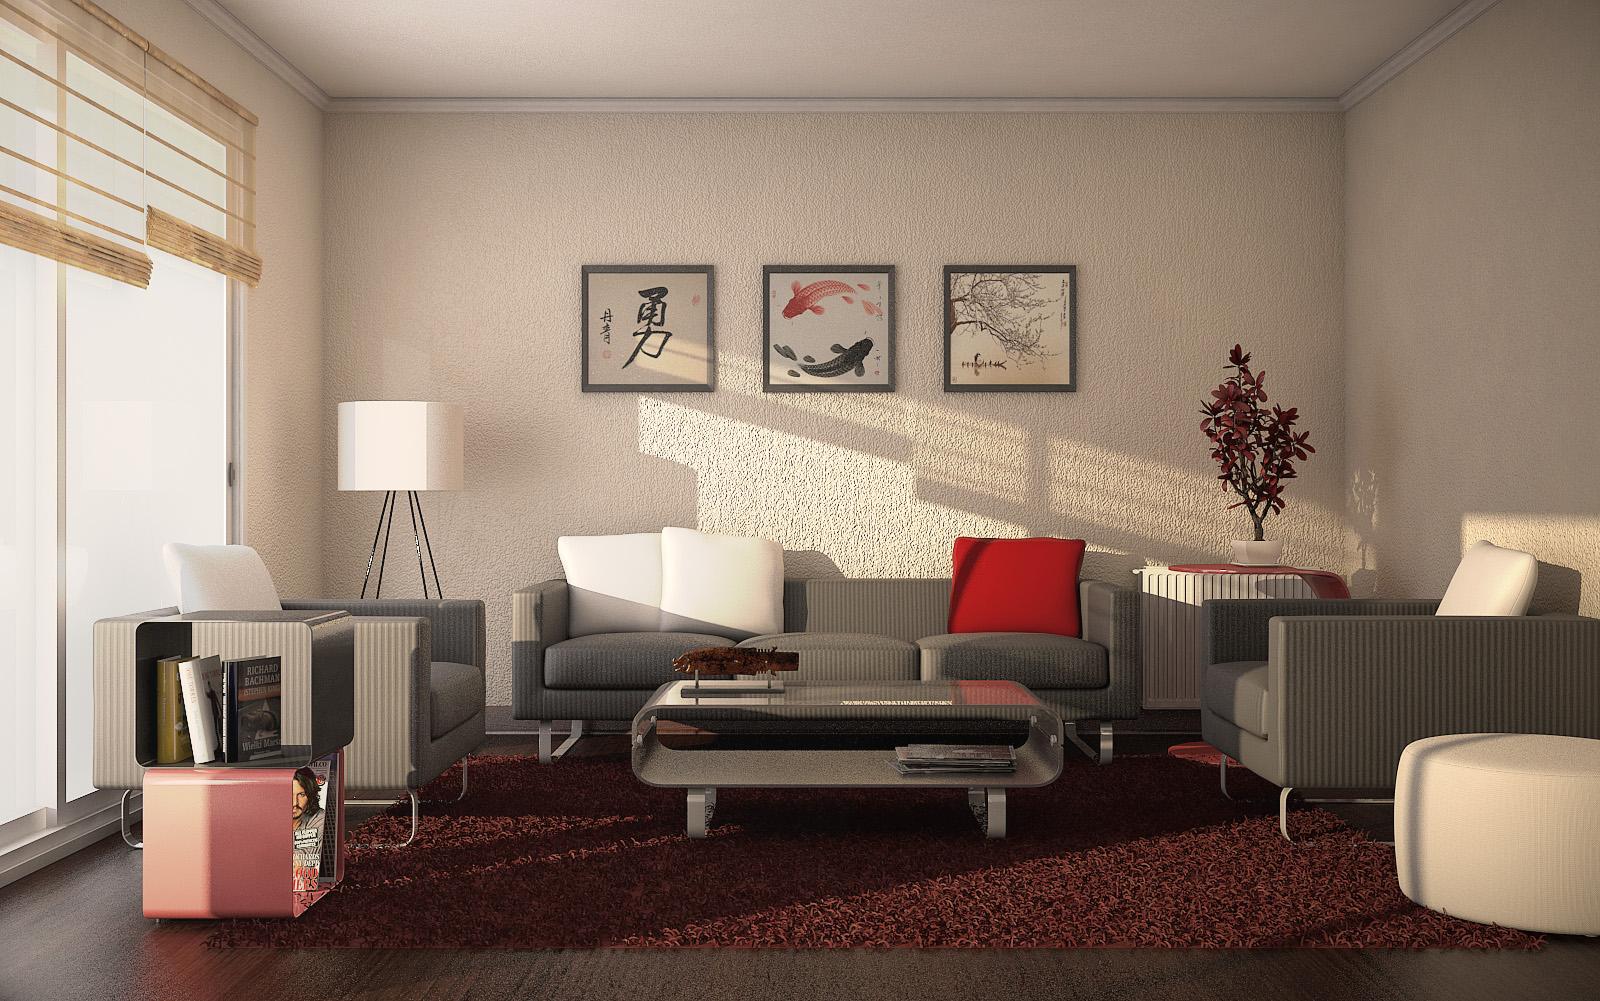 Visualizaci n 3d kubic bim for Fotografias de interiores